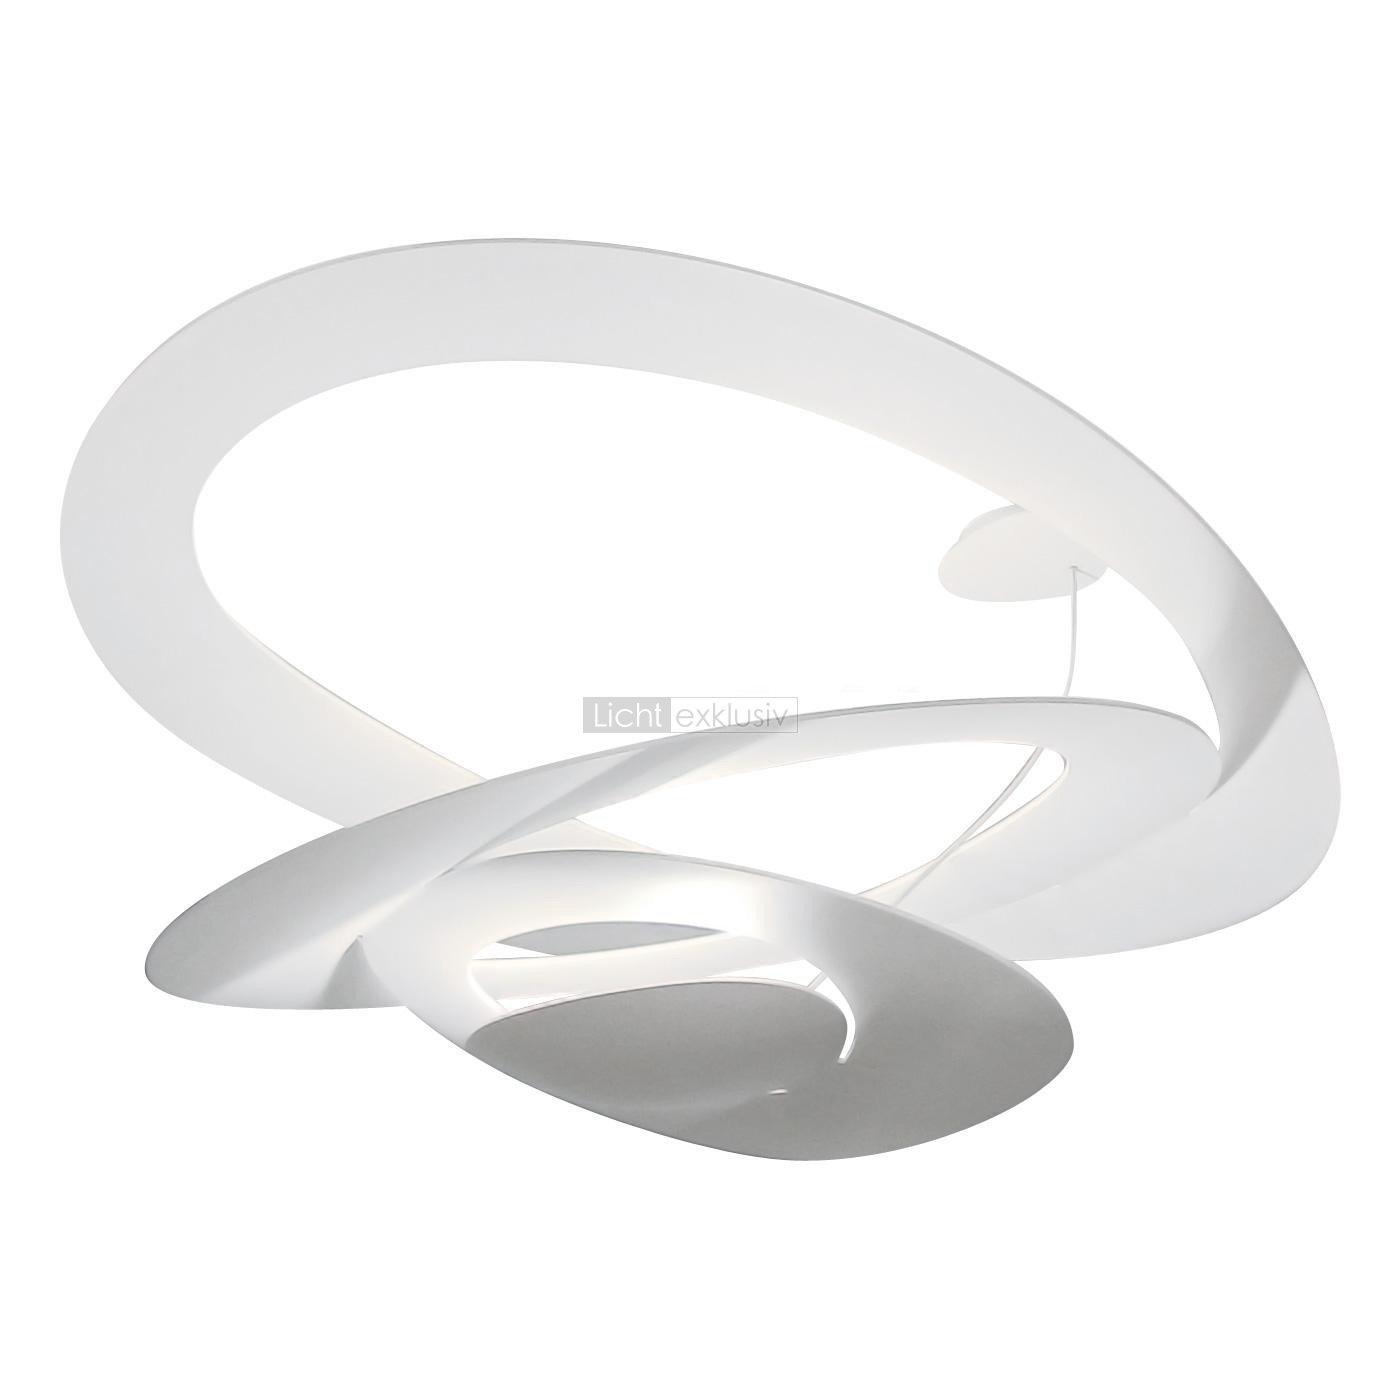 Artemide pirce mini lampe plafonnier: amazon.fr: luminaires et ...